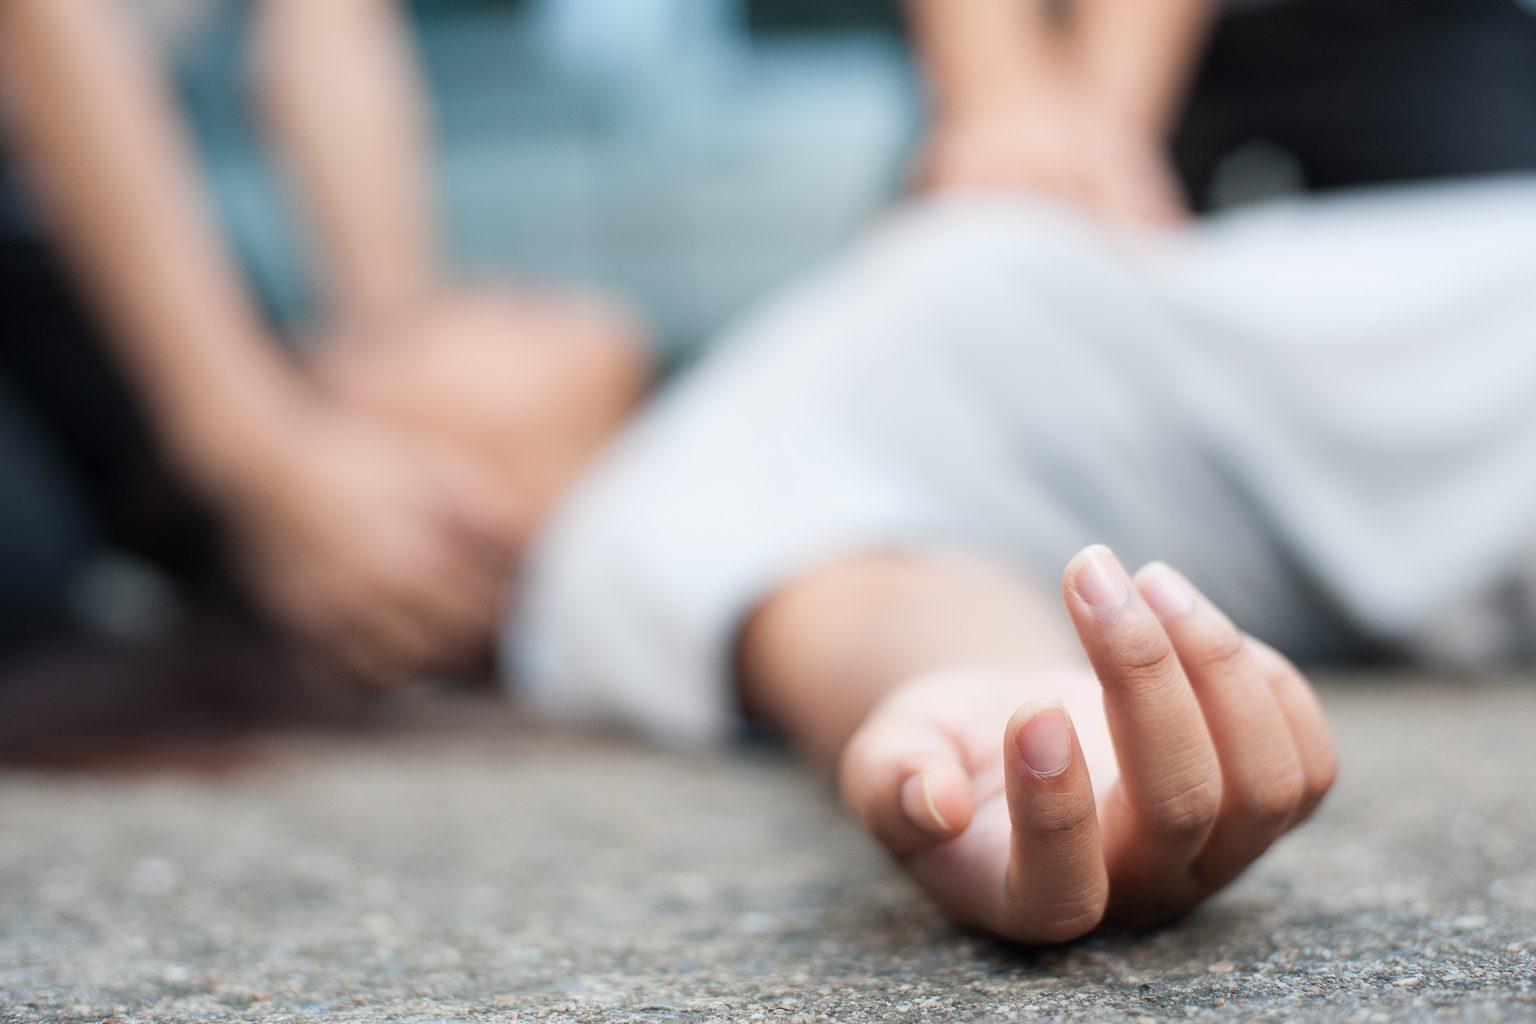 Magistral exposición de la valoración de los daños morales por pérdida de calidad de vida tras las secuelas derivada de accidentes